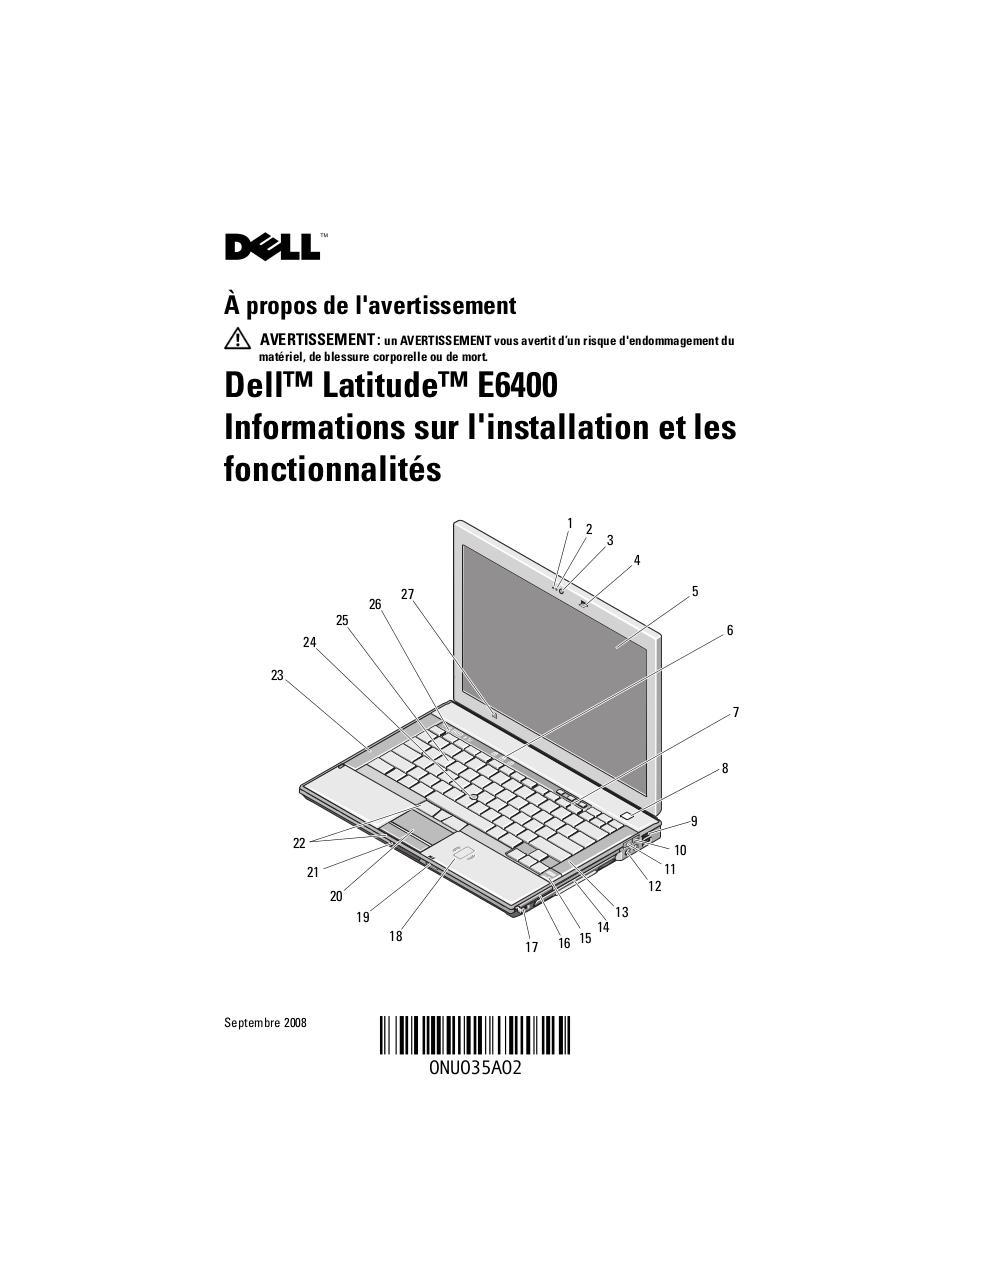 Pdf Fiche PRESENTATION DELL LATITUDE E 6400 par Dell  - Fichier PDF